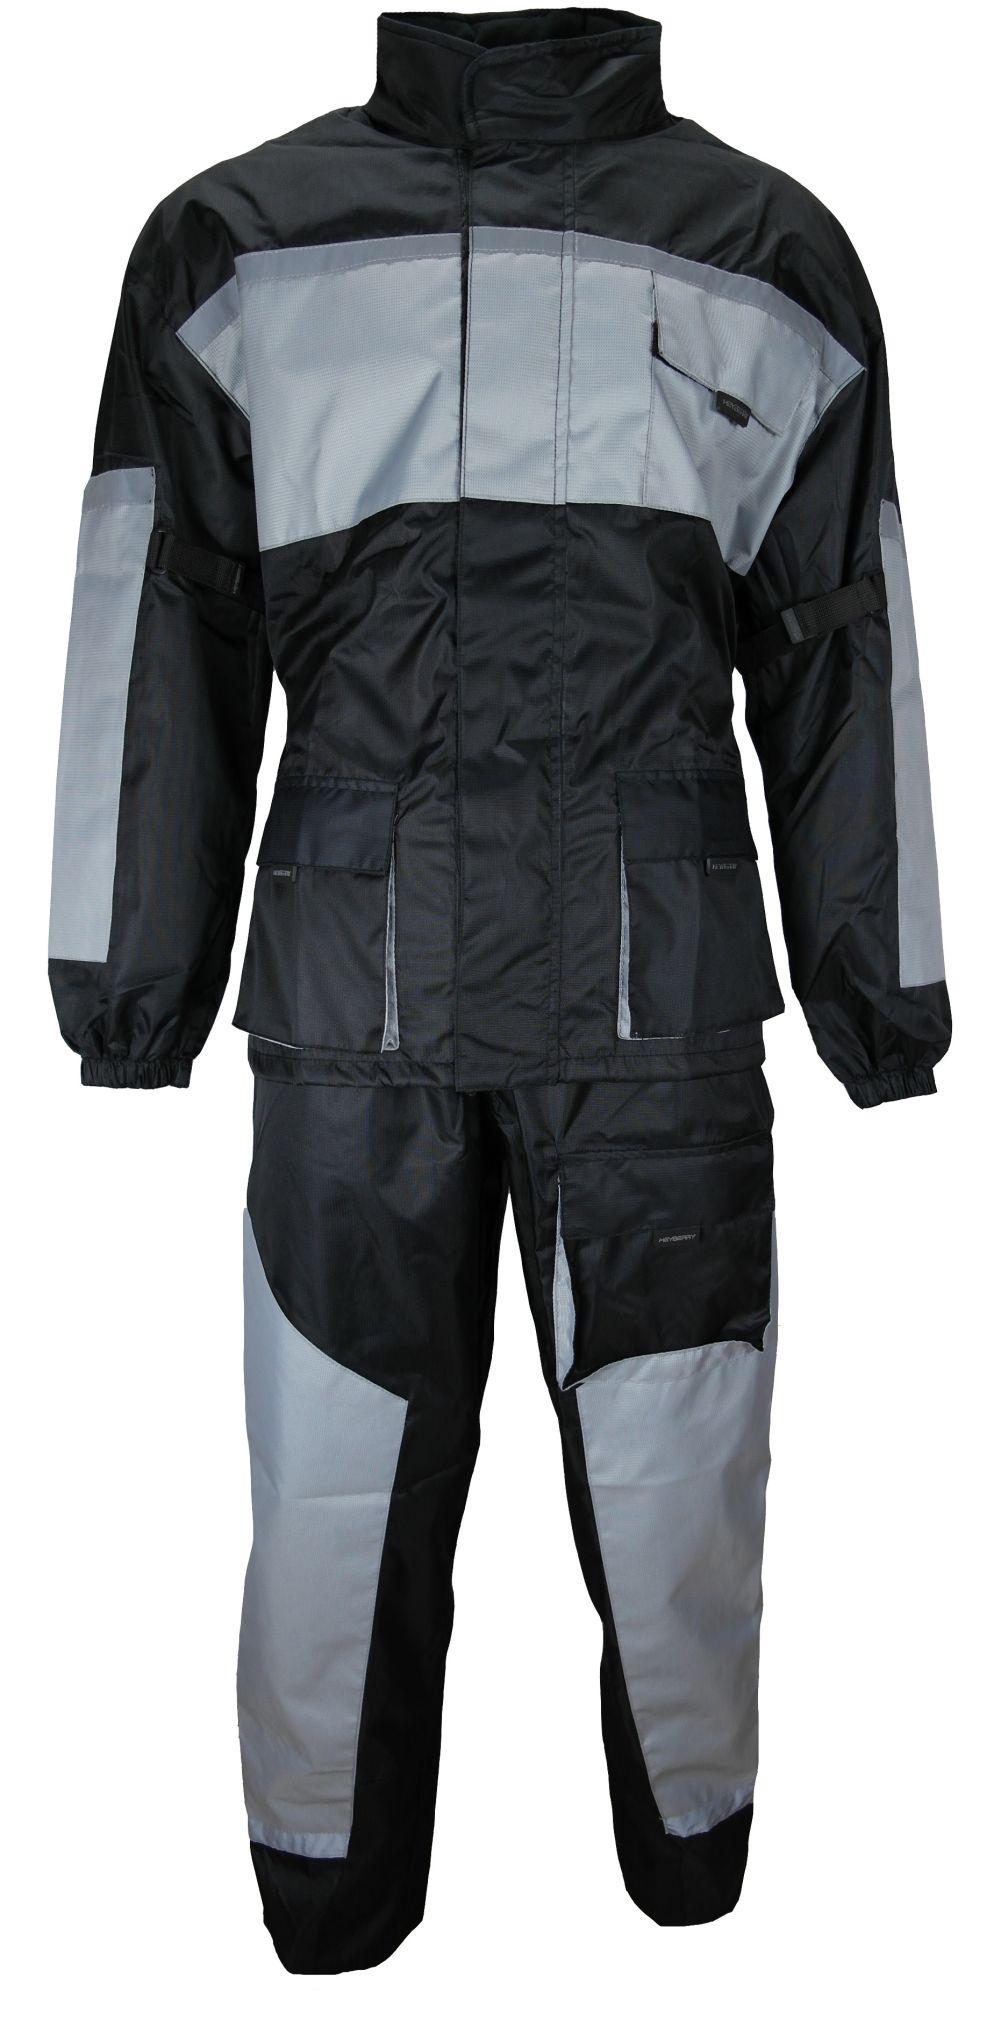 Motorrad Regenkombi Regenhose Regenjacke schwarz / grau Gr. M bis 3XL